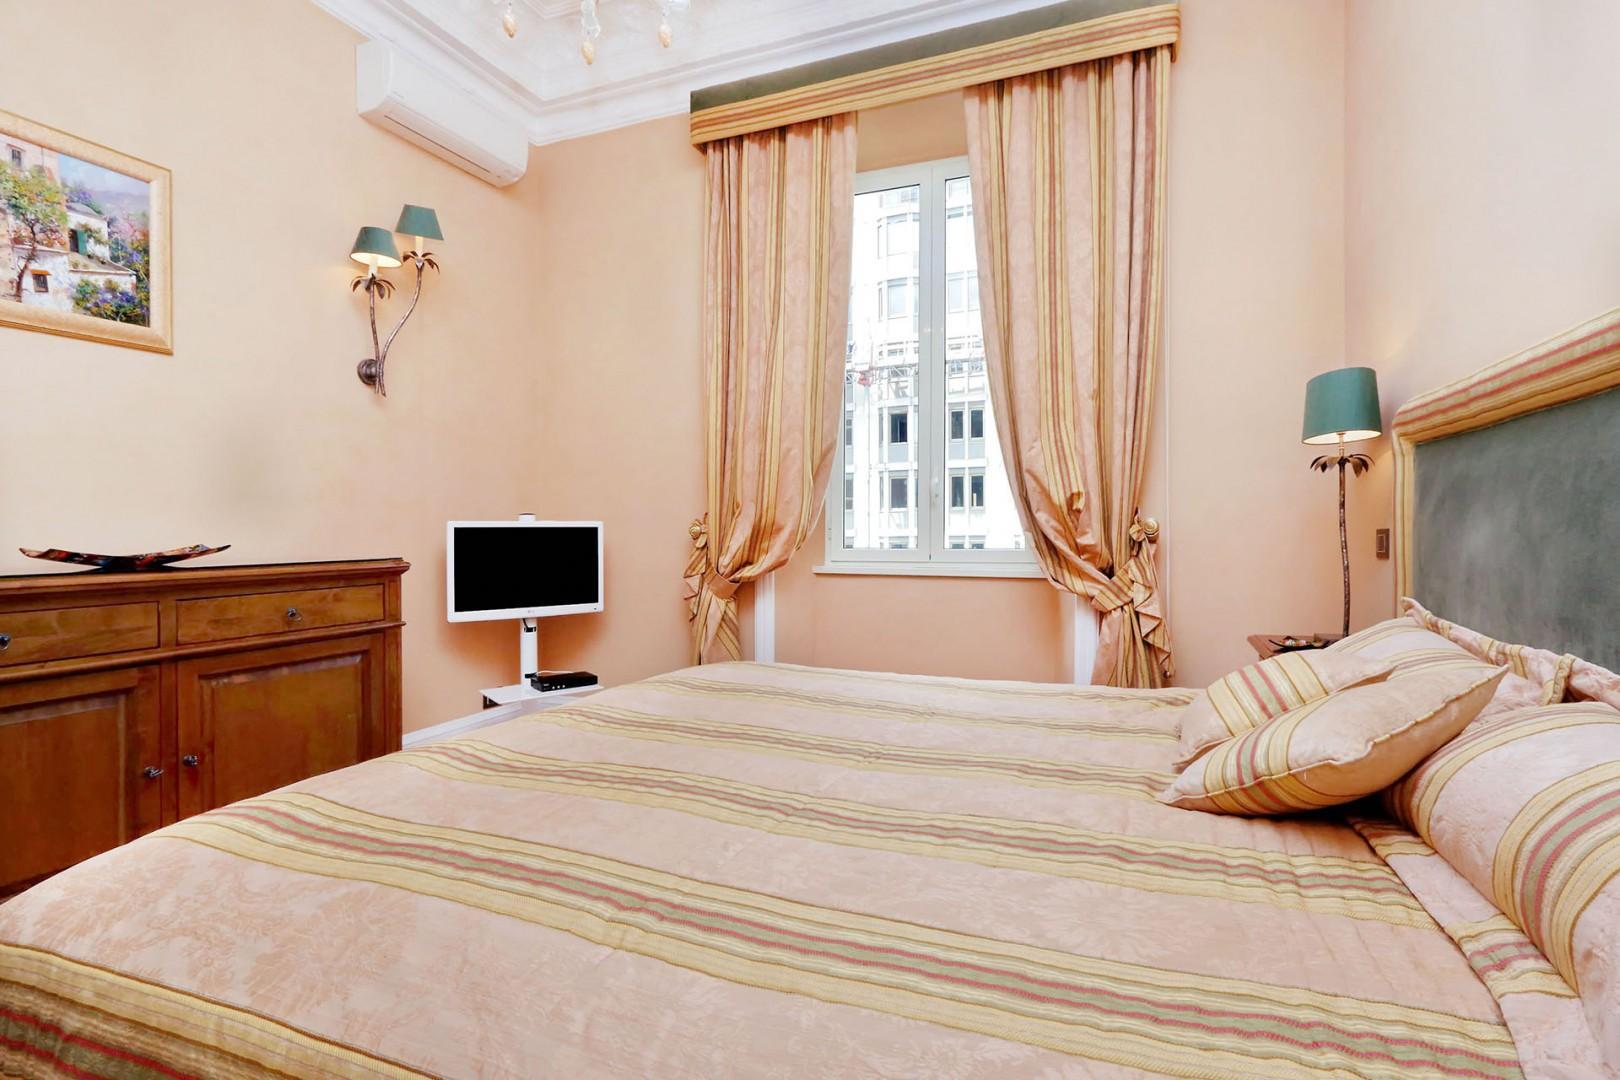 View towards the window in bedroom 2